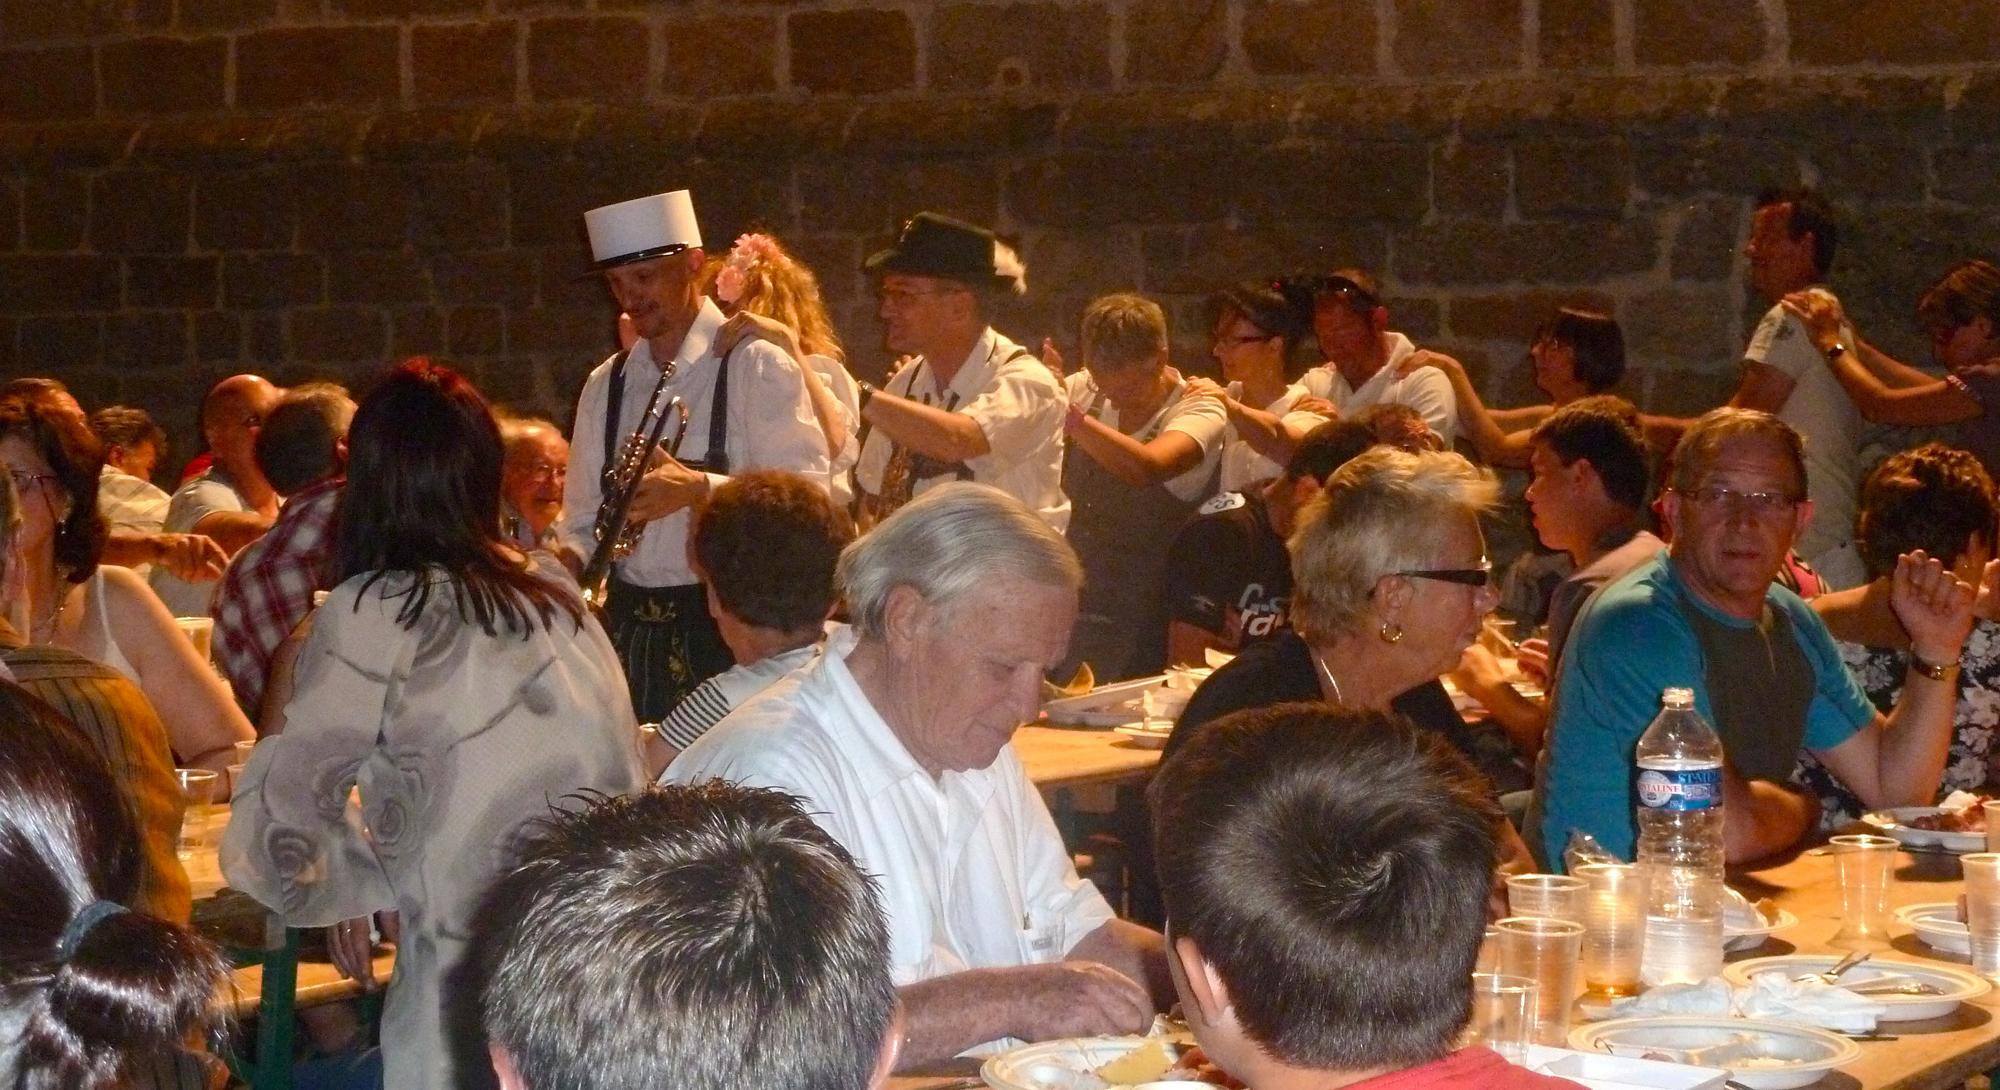 3- ambiance avec orchestre bavarois, Saint Privat 19, 18 08 2012